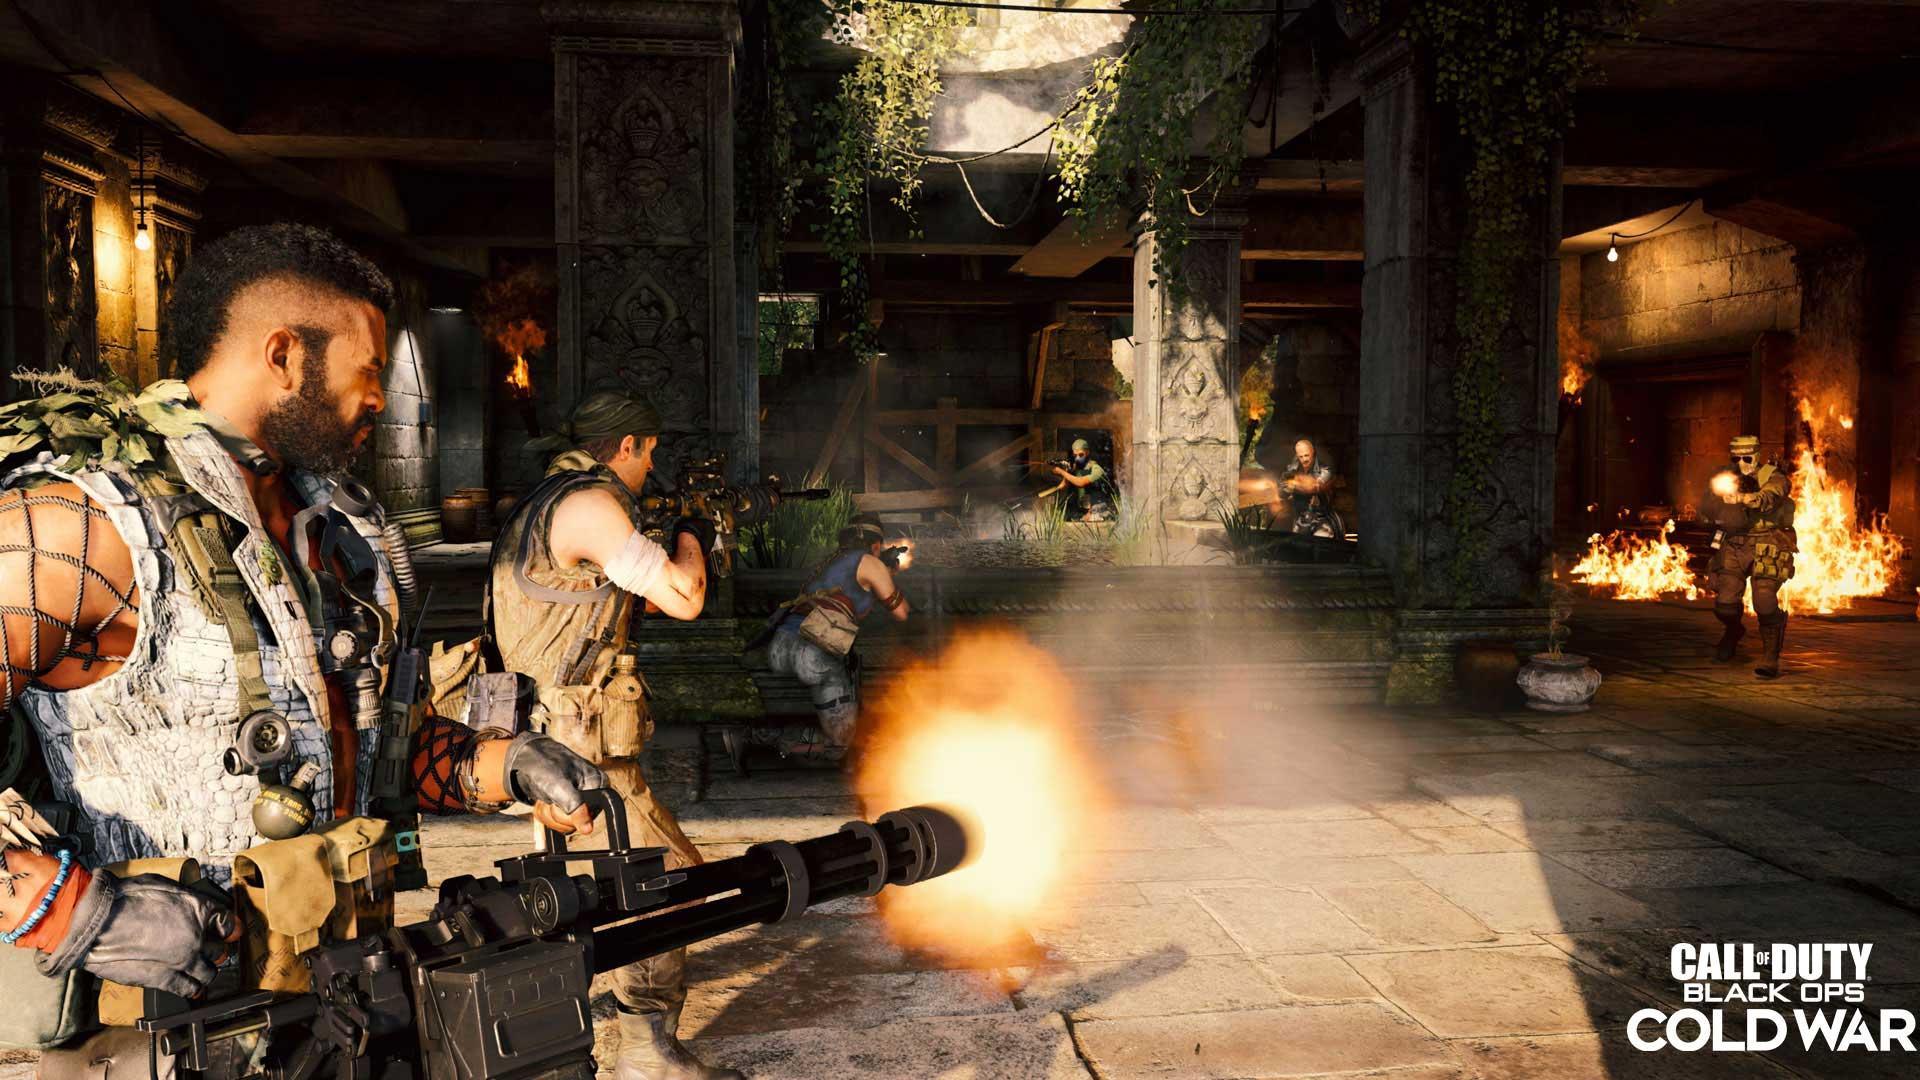 Более 500 Гбайт: на стандартную PS4 больше не получится одновременно установить CoD: Black Ops Cold War, MW и Warzone